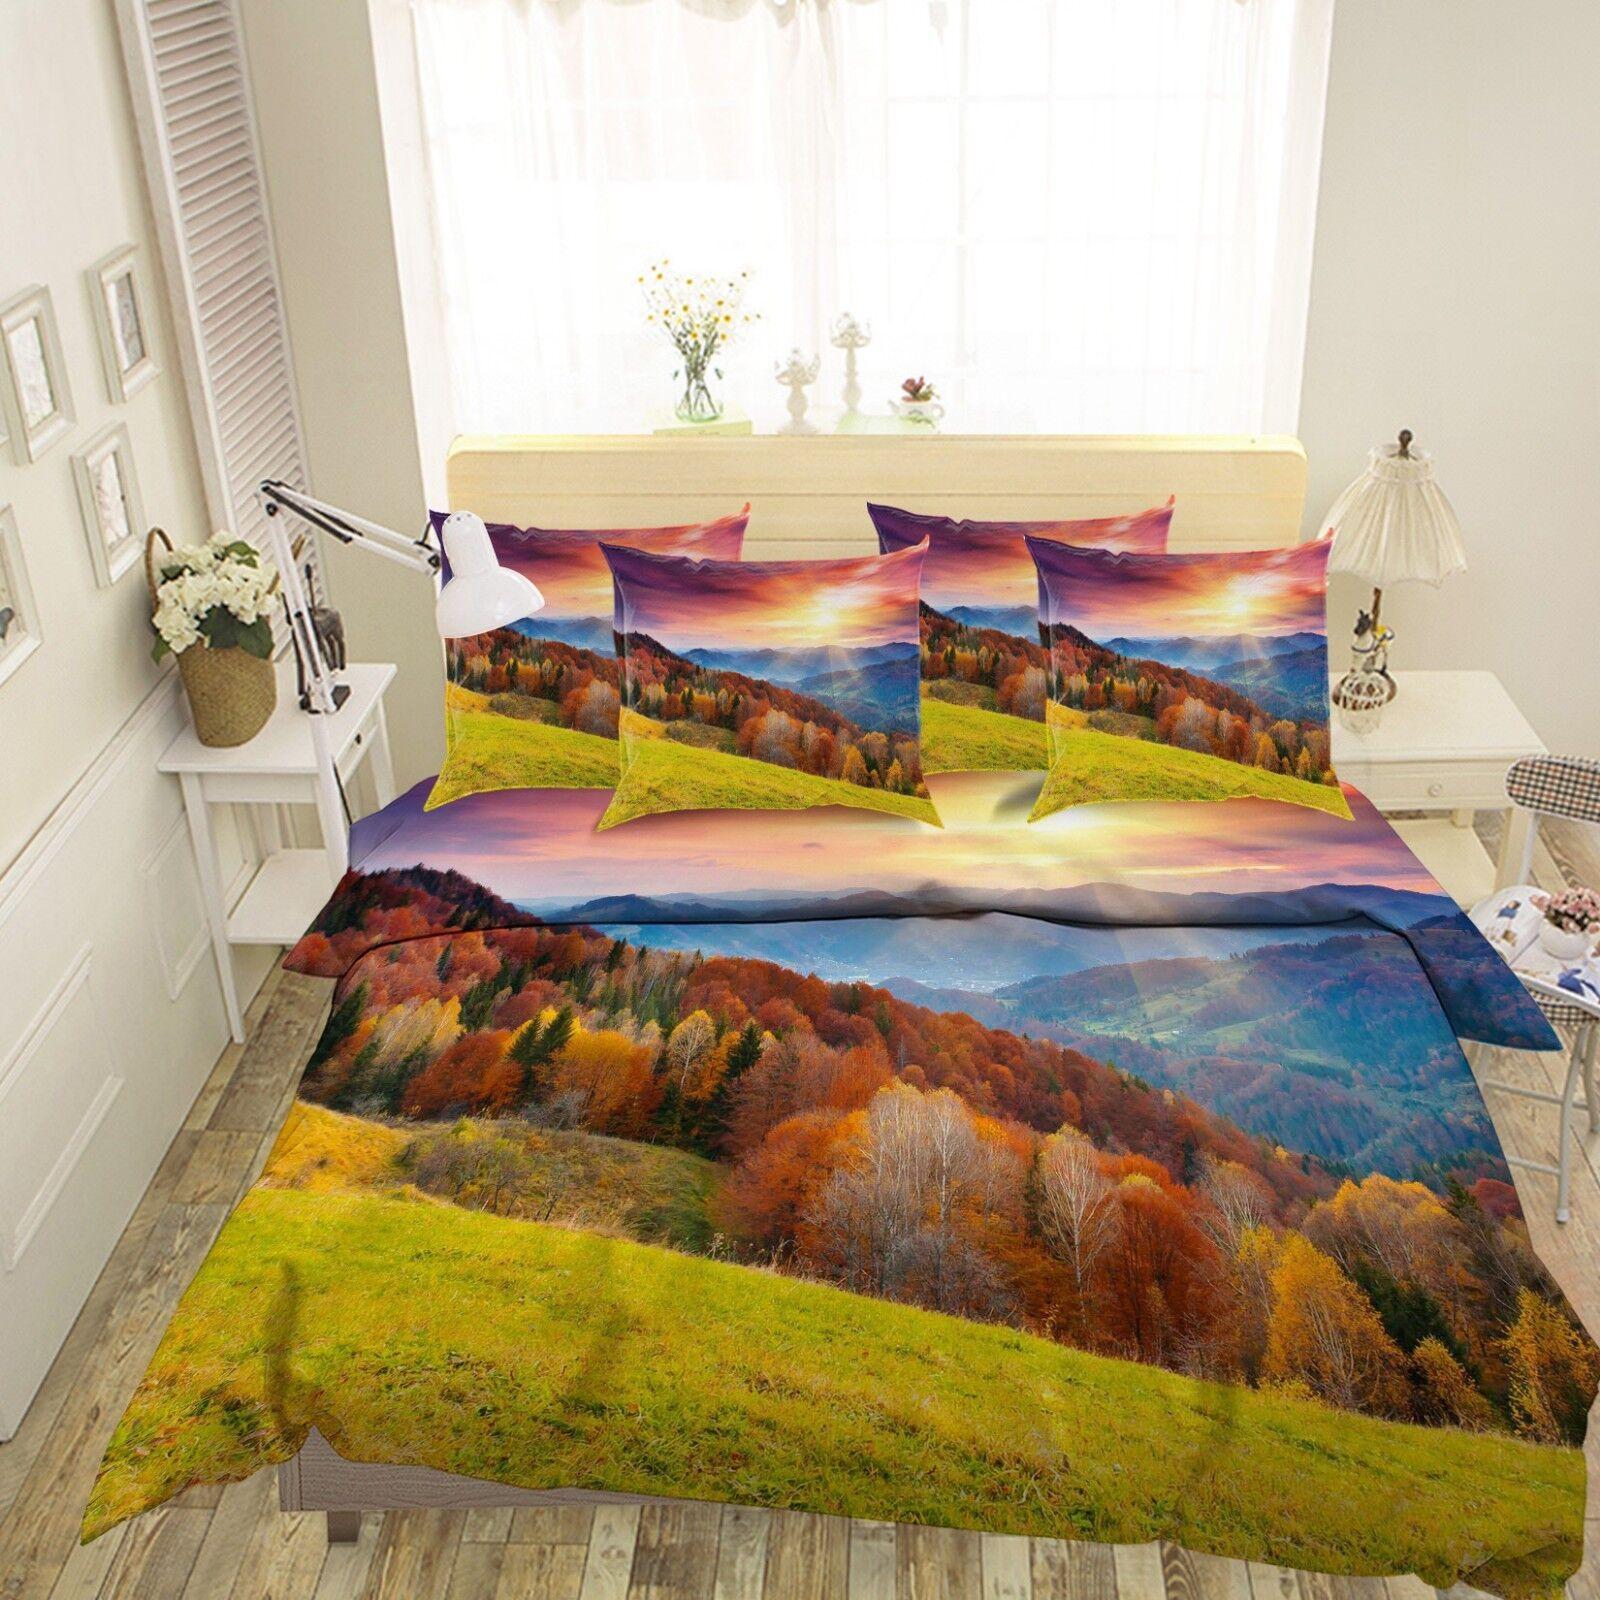 3D Sunny Hills Wood 6 Bed Pillowcases Quilt Duvet Cover Set Single King UK Lemon